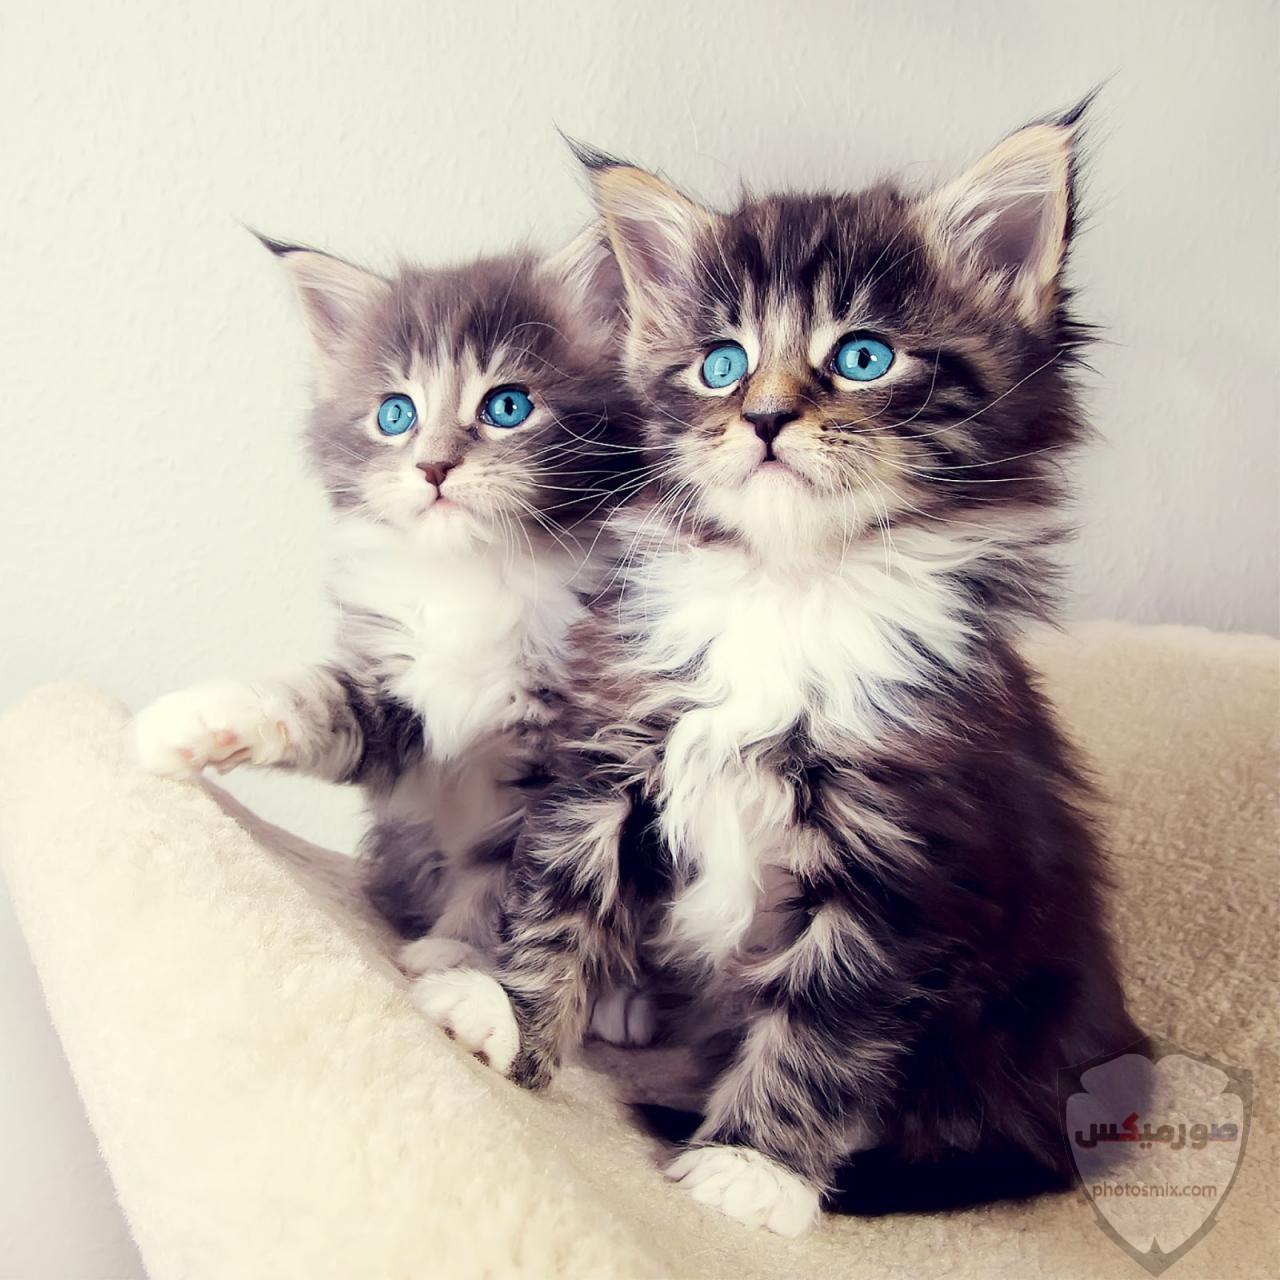 صور خلفيات رمزيات قطط كيوت صورة قطة كيوت جدا 42